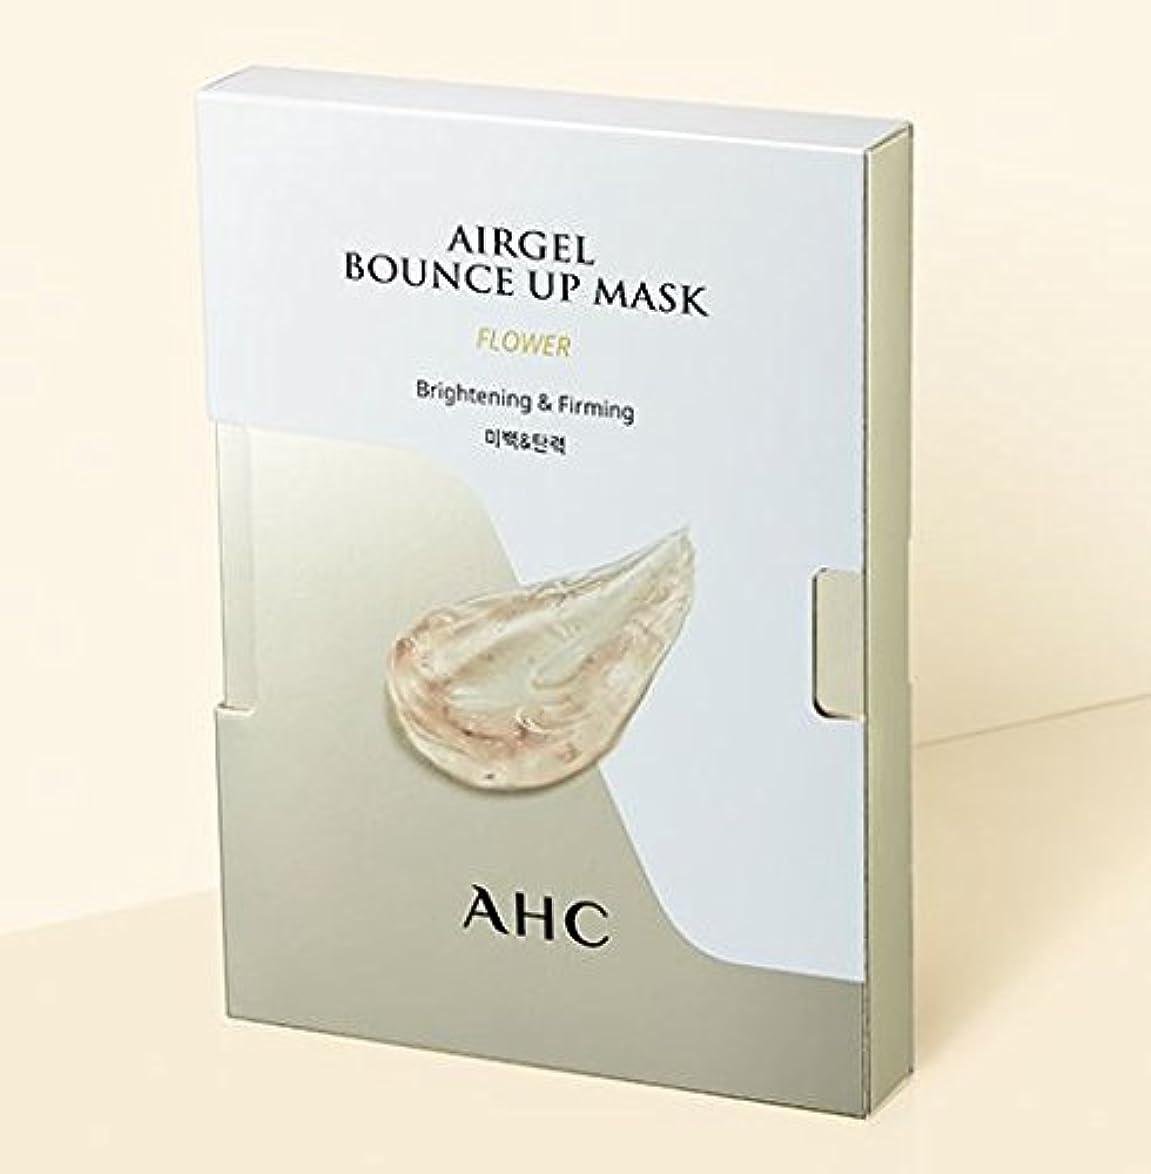 解放するネズミ水っぽい[A.H.C] Airgel Bounce Up Mask FLOWER (Brightening&Firming)30g*5sheet/フラワーエアゲルマスク30g*5枚 [並行輸入品]